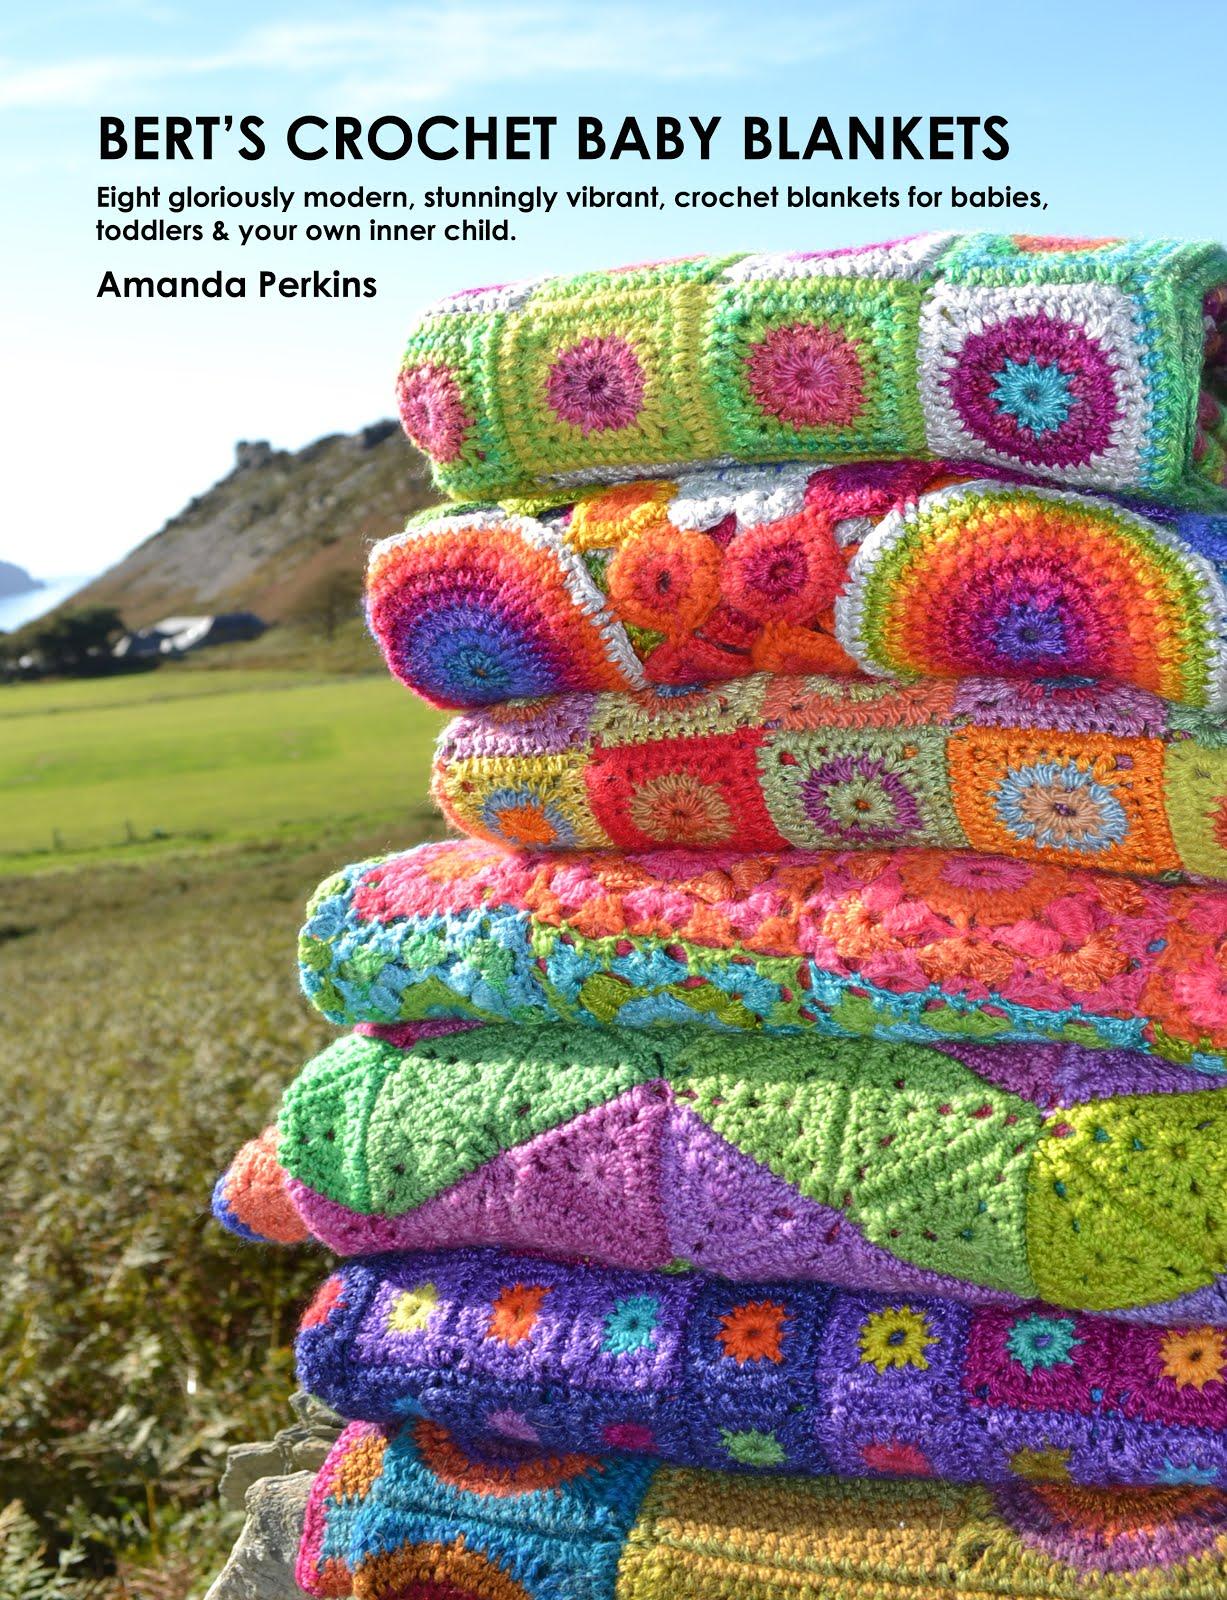 Bert's Crochet Baby Blankets Book